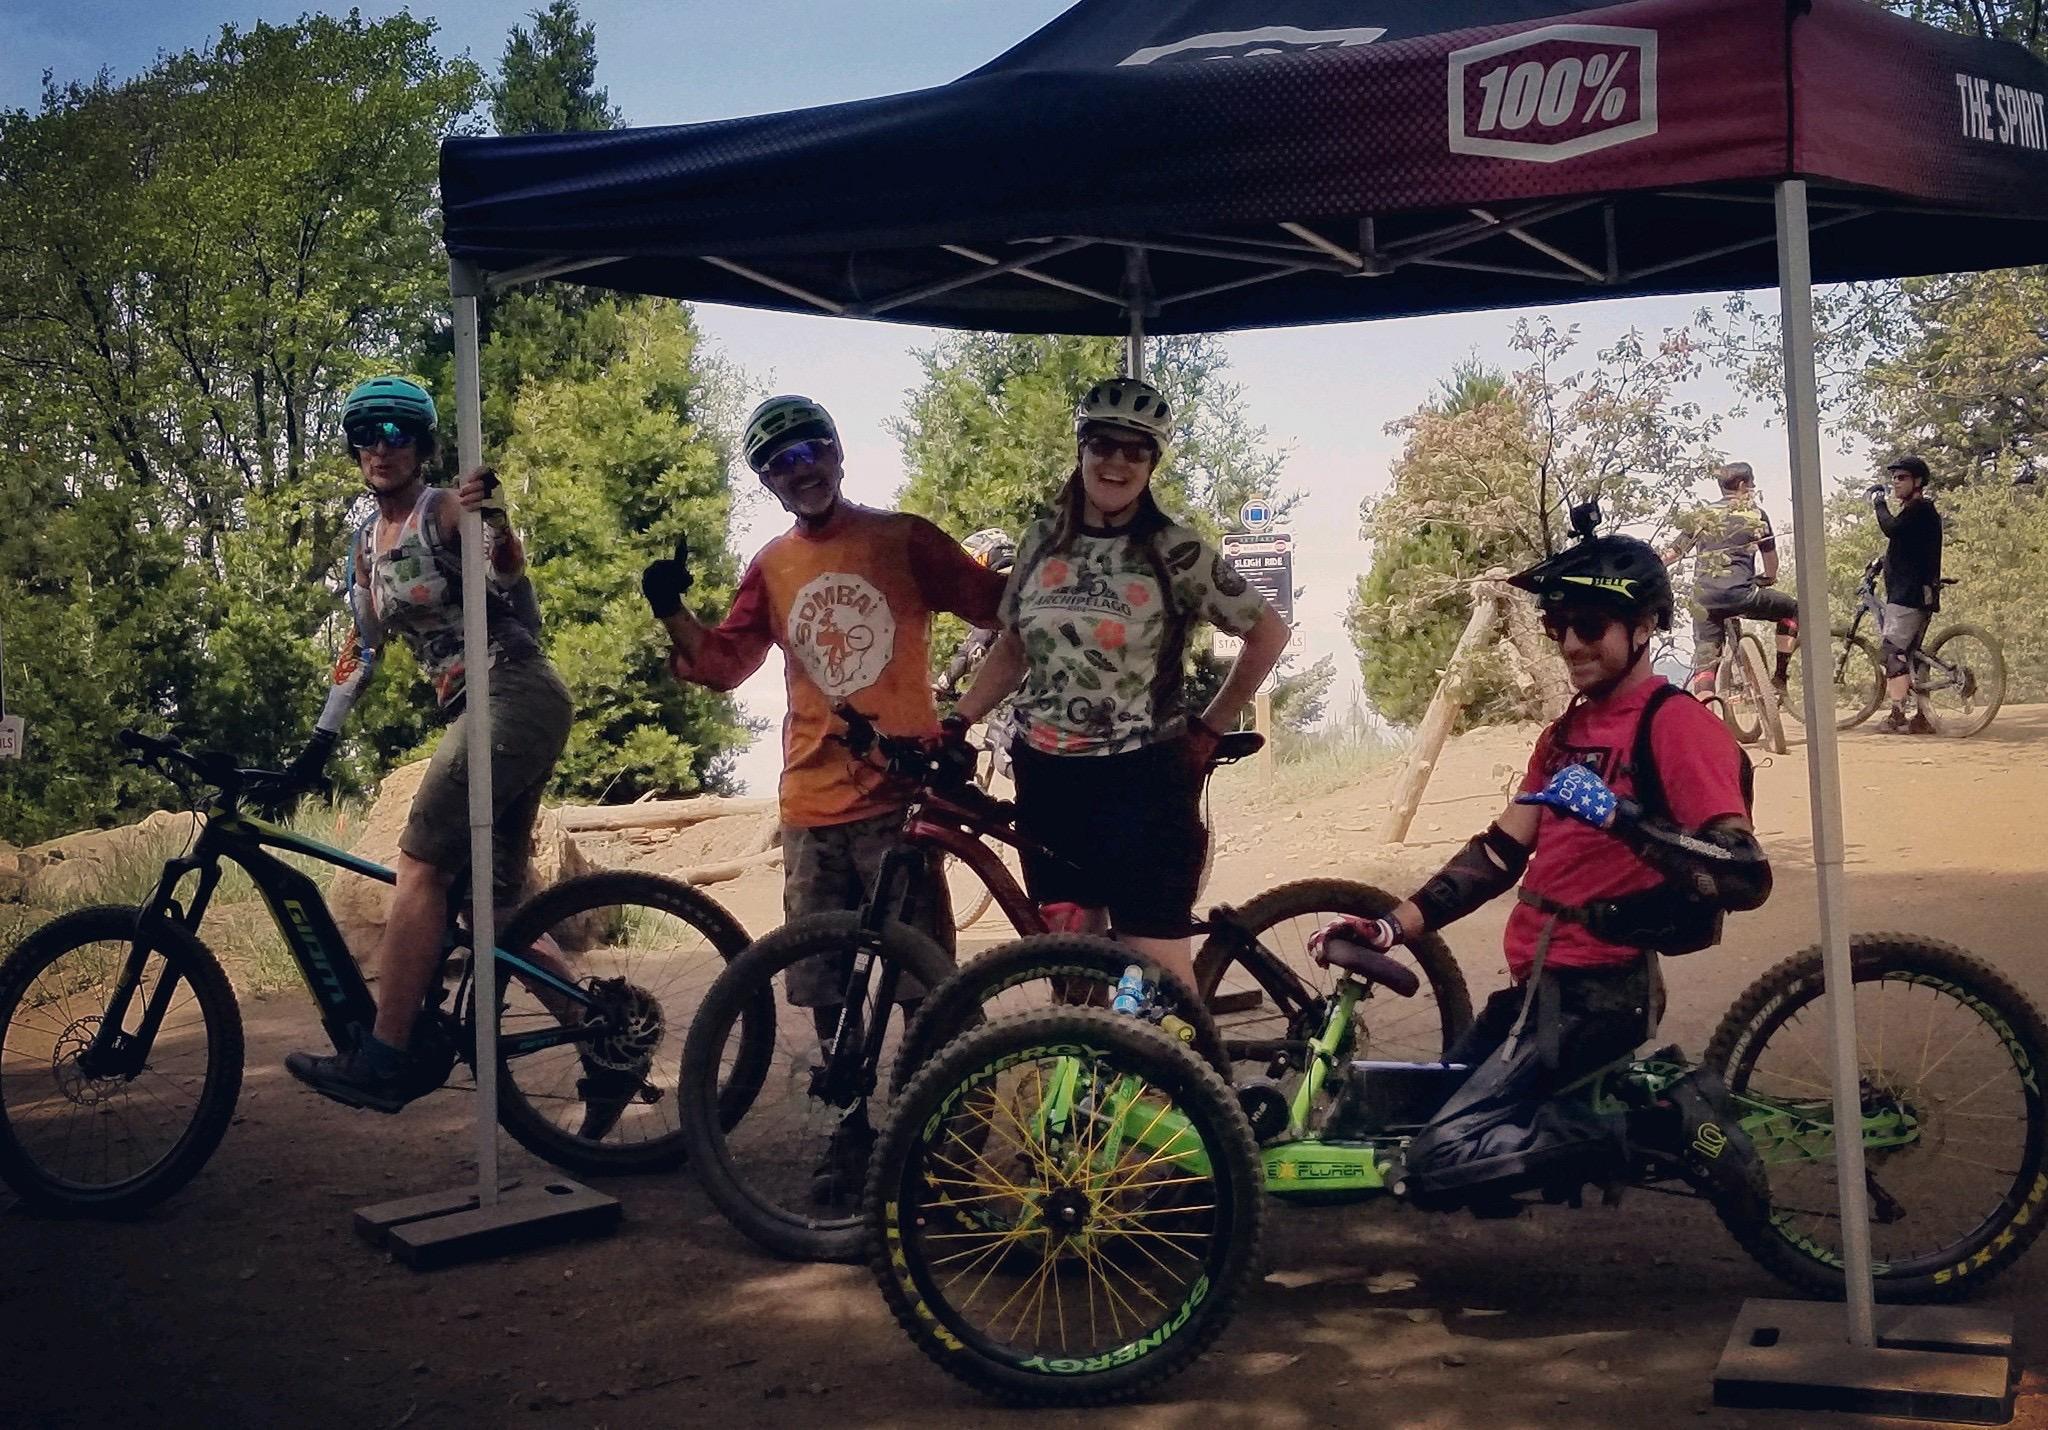 Shakas all around with the SDMBA crew